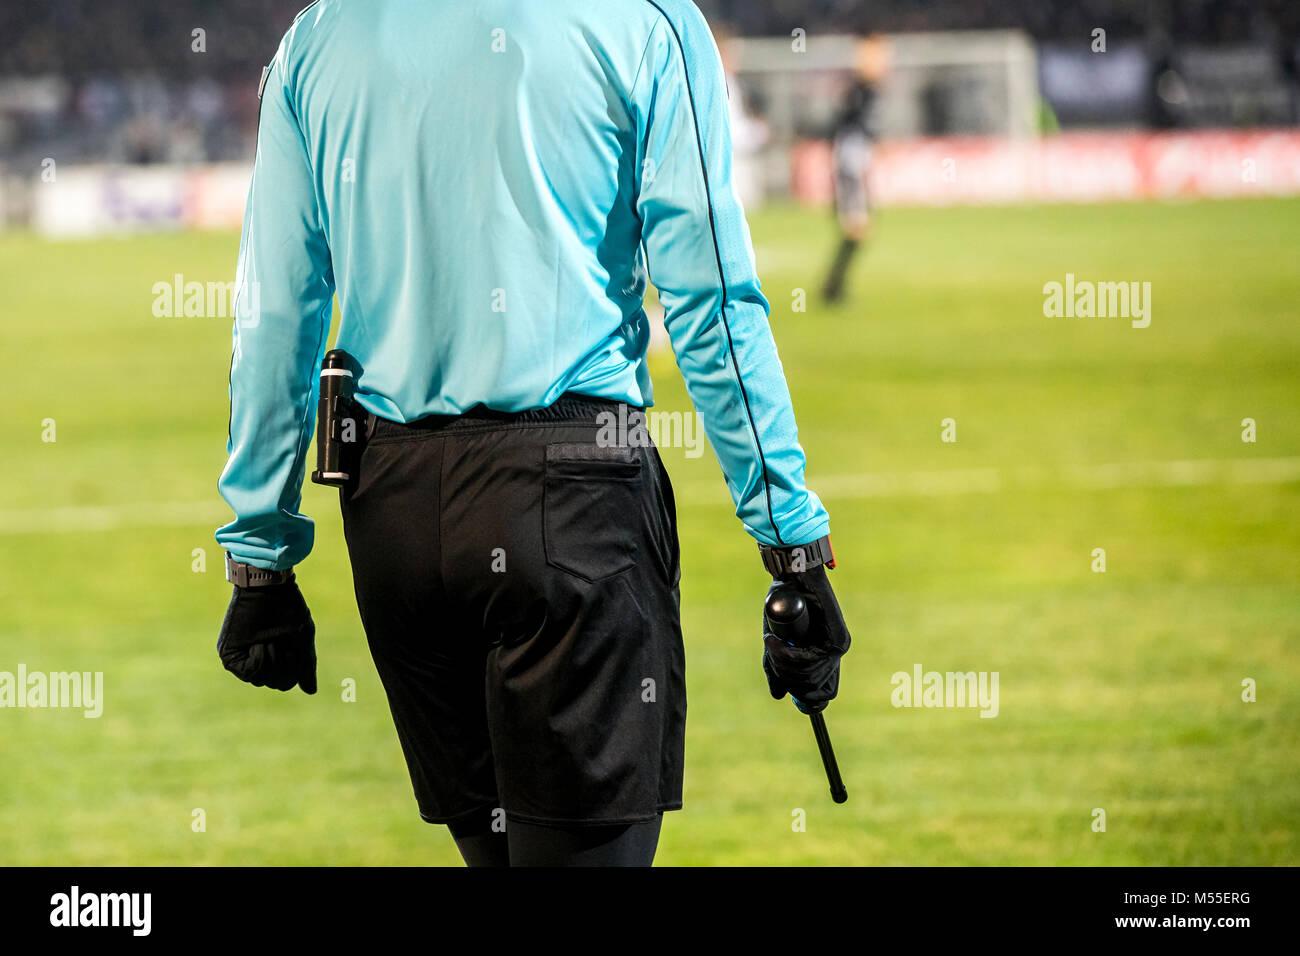 Arbitres assistants de la signalisation sur la ligne de touche pendant un match de foot Photo Stock